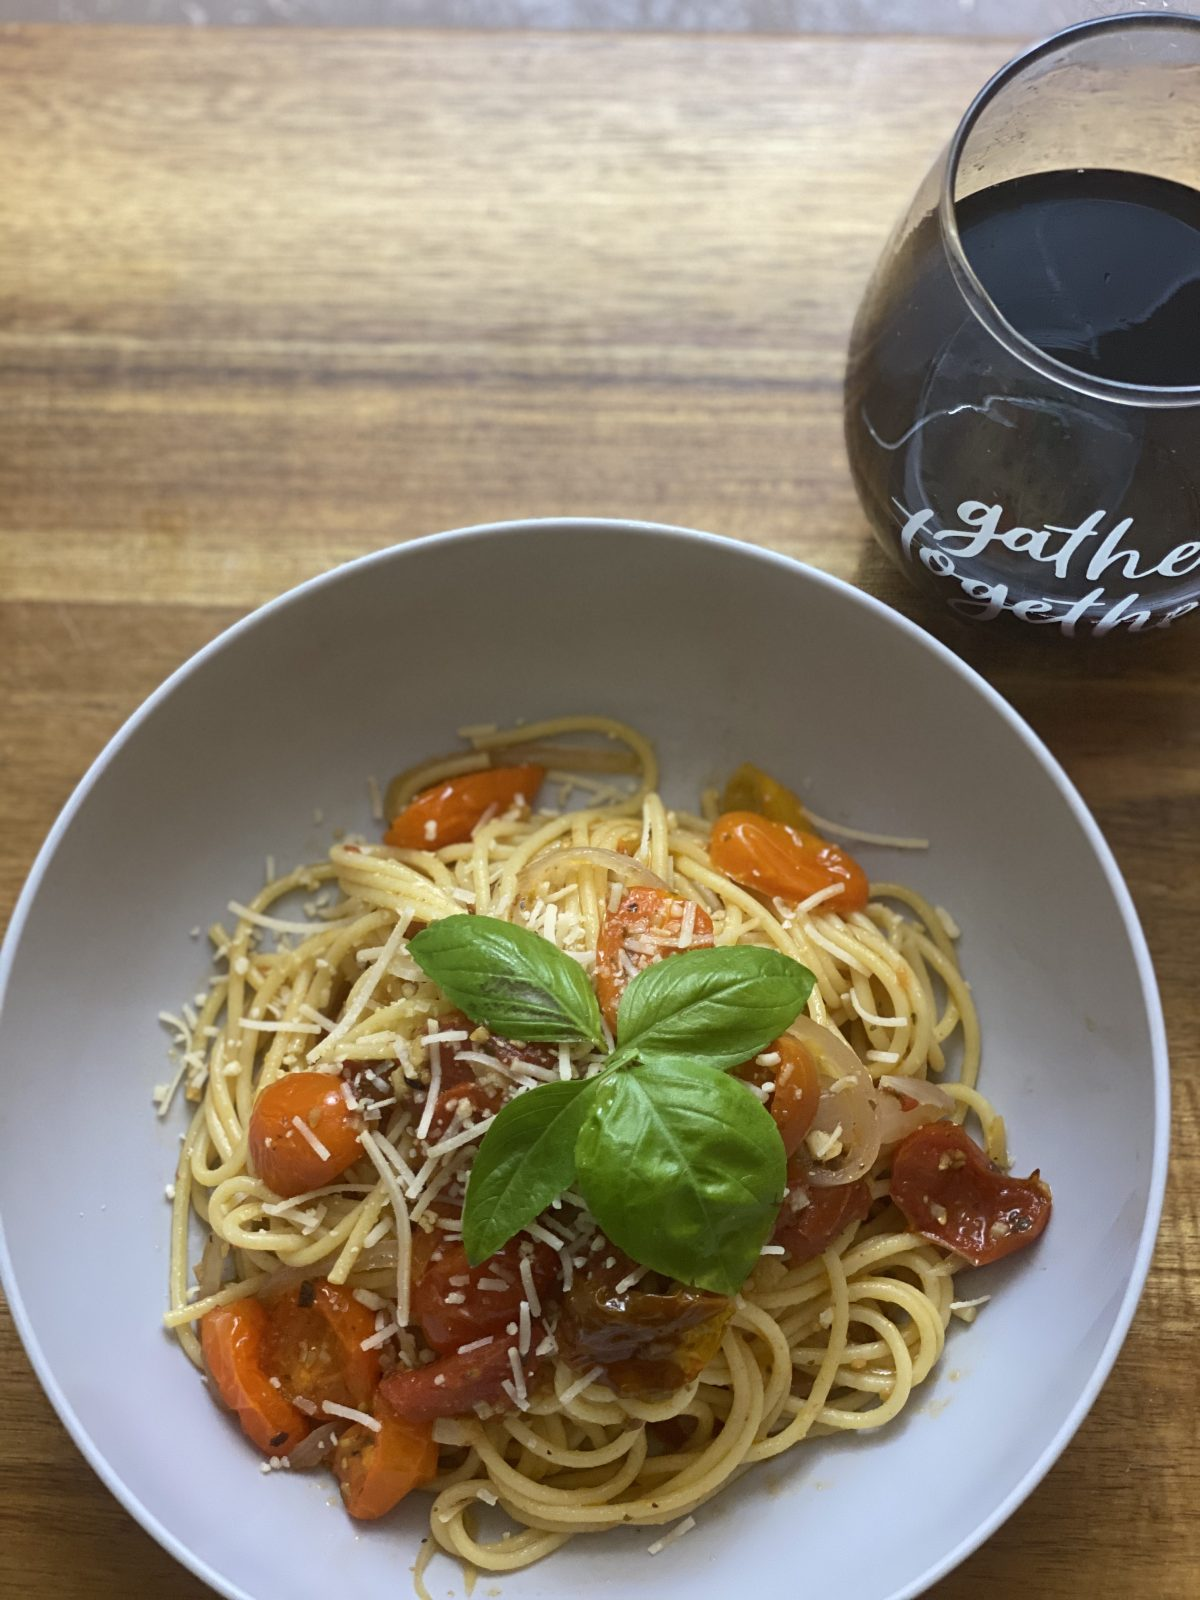 spaghetti pasta and red wine